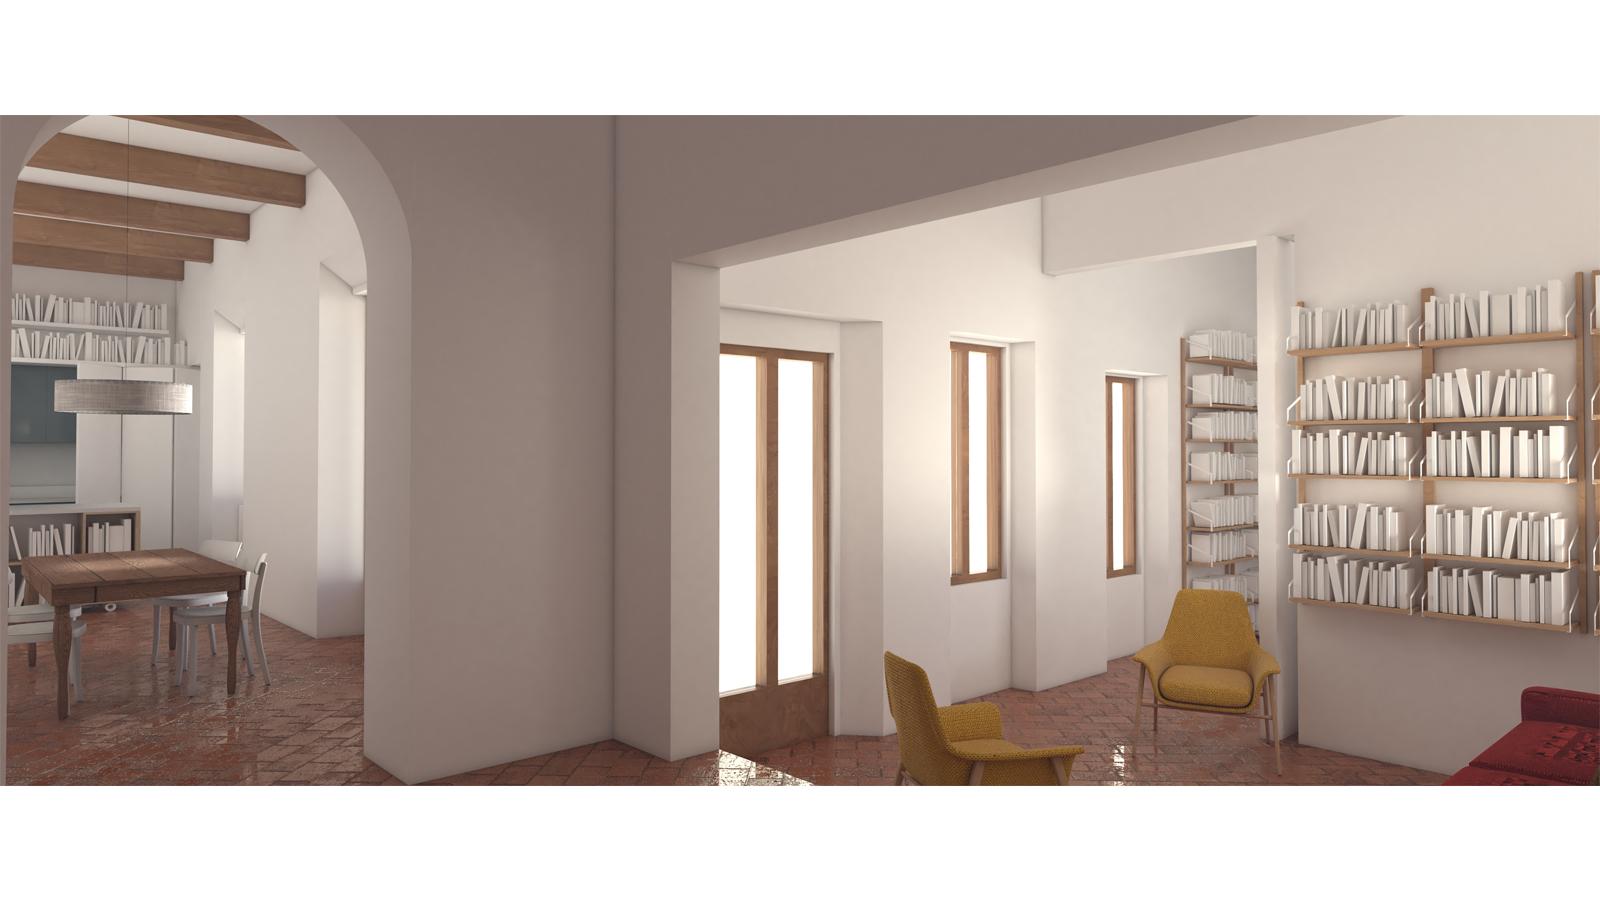 Ristrutturazione di un appartamento a fiesole fw for Metraggio di appartamento studio